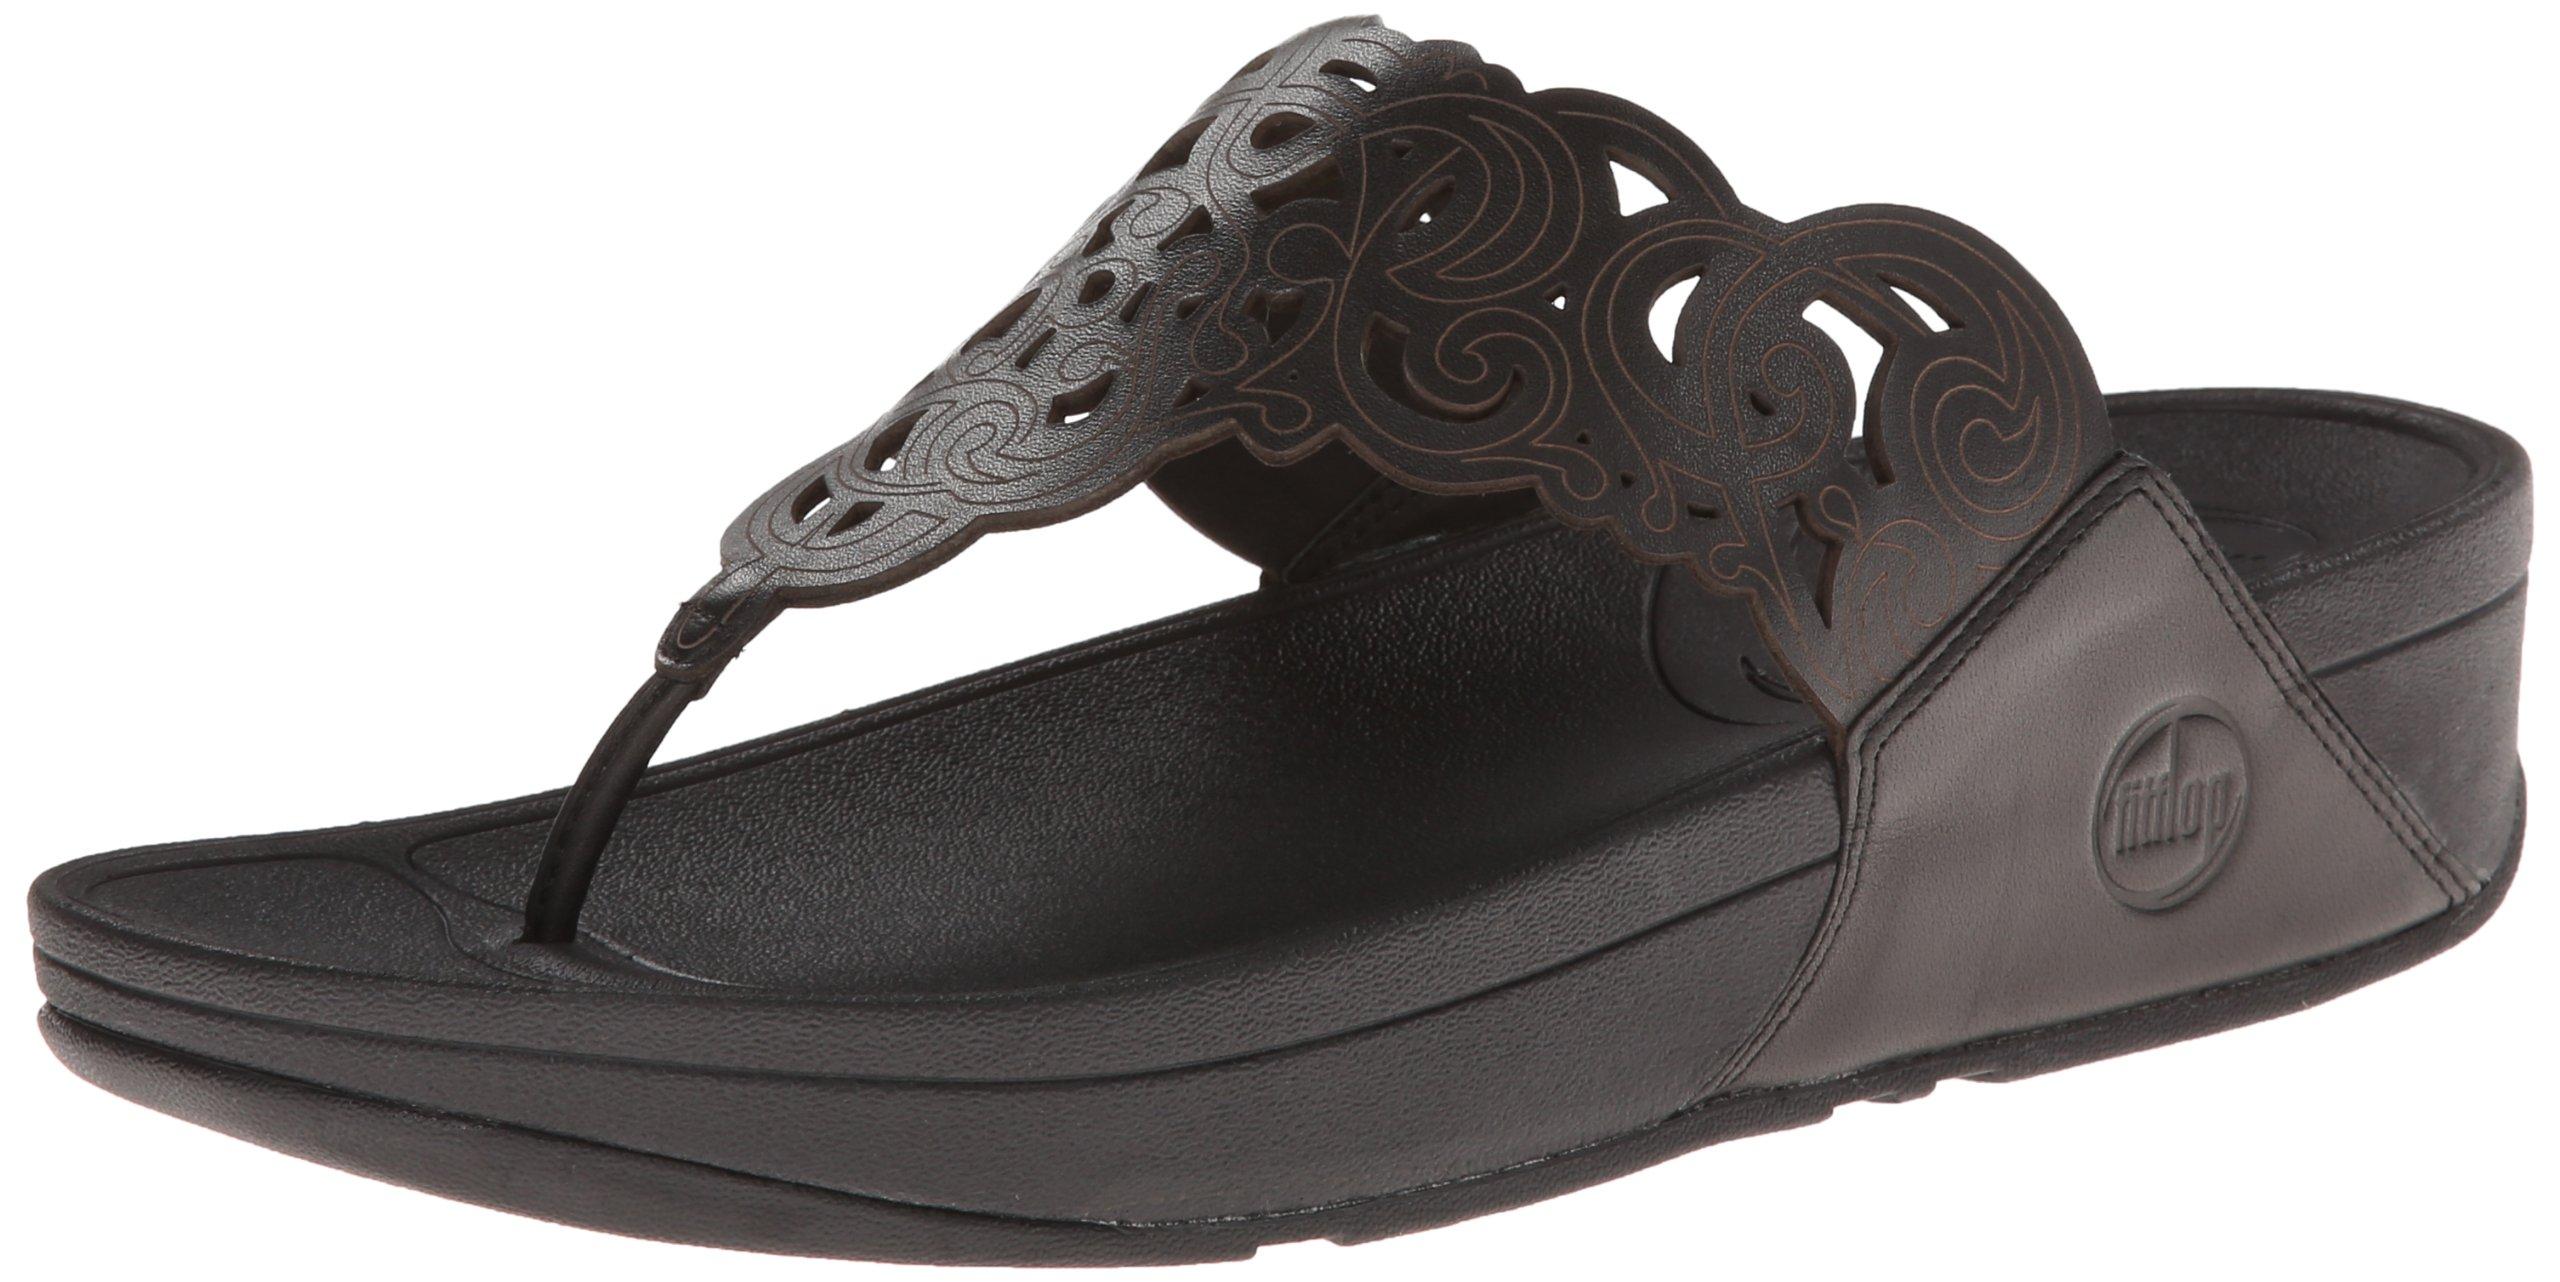 FitFlop Women's Flora Flip Flop,Black,8 M US